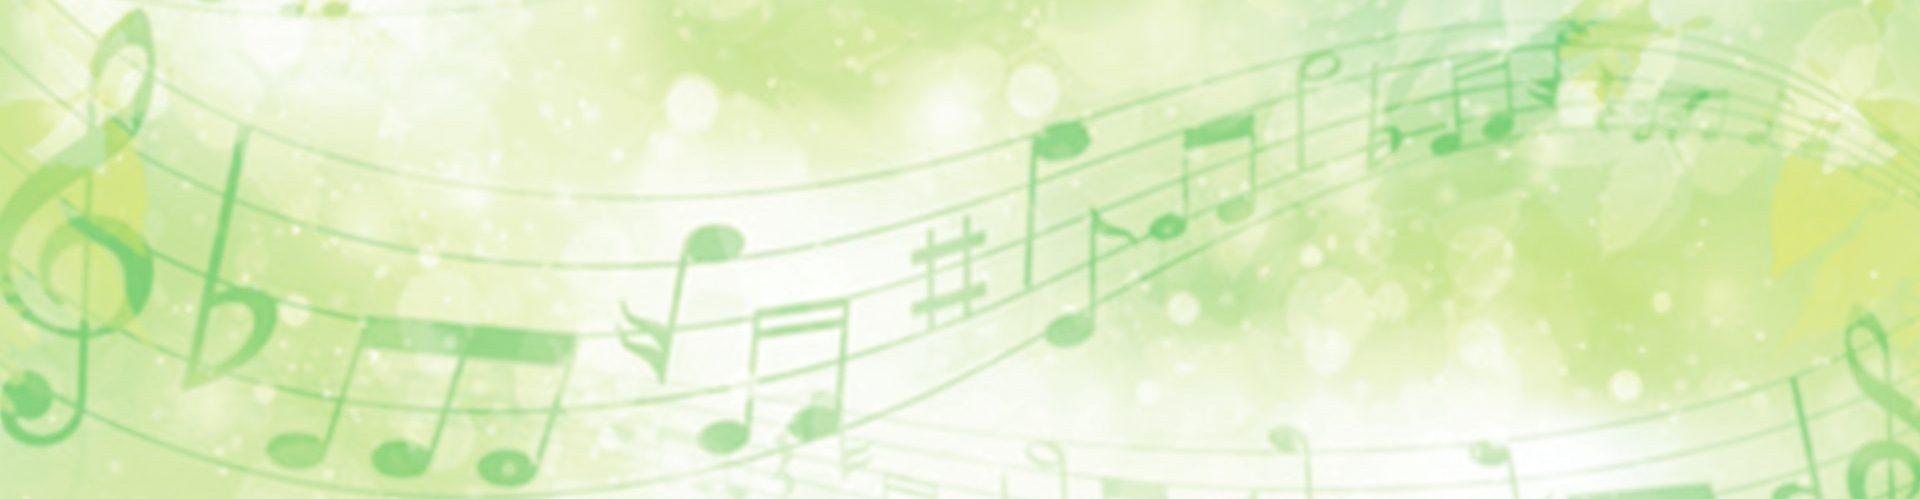 14.07.2018 Musiknacht Summertime mit dem Posaunenchor